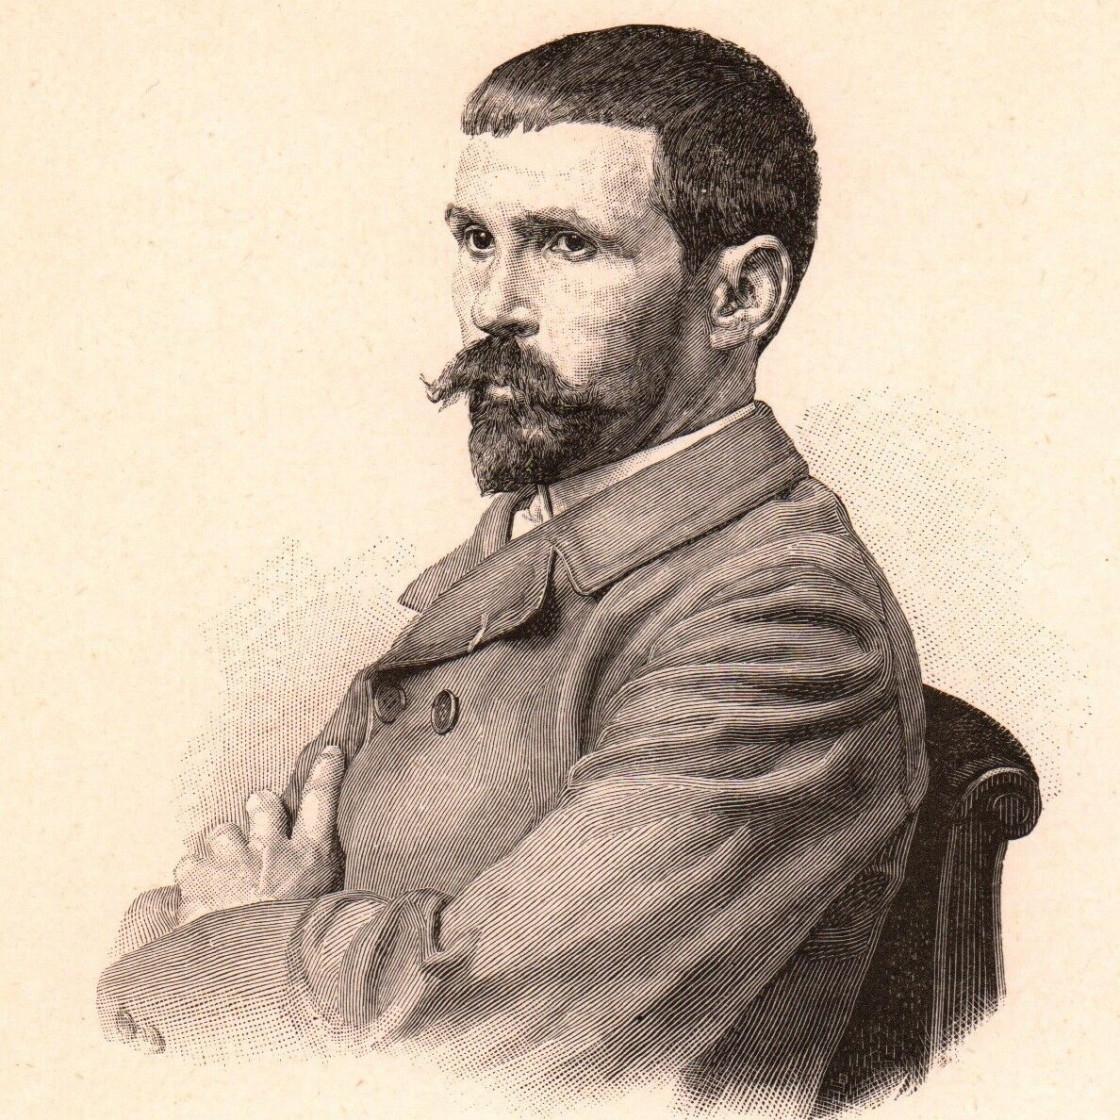 Pascal Adolphe Jean Dagnan-Bouveret